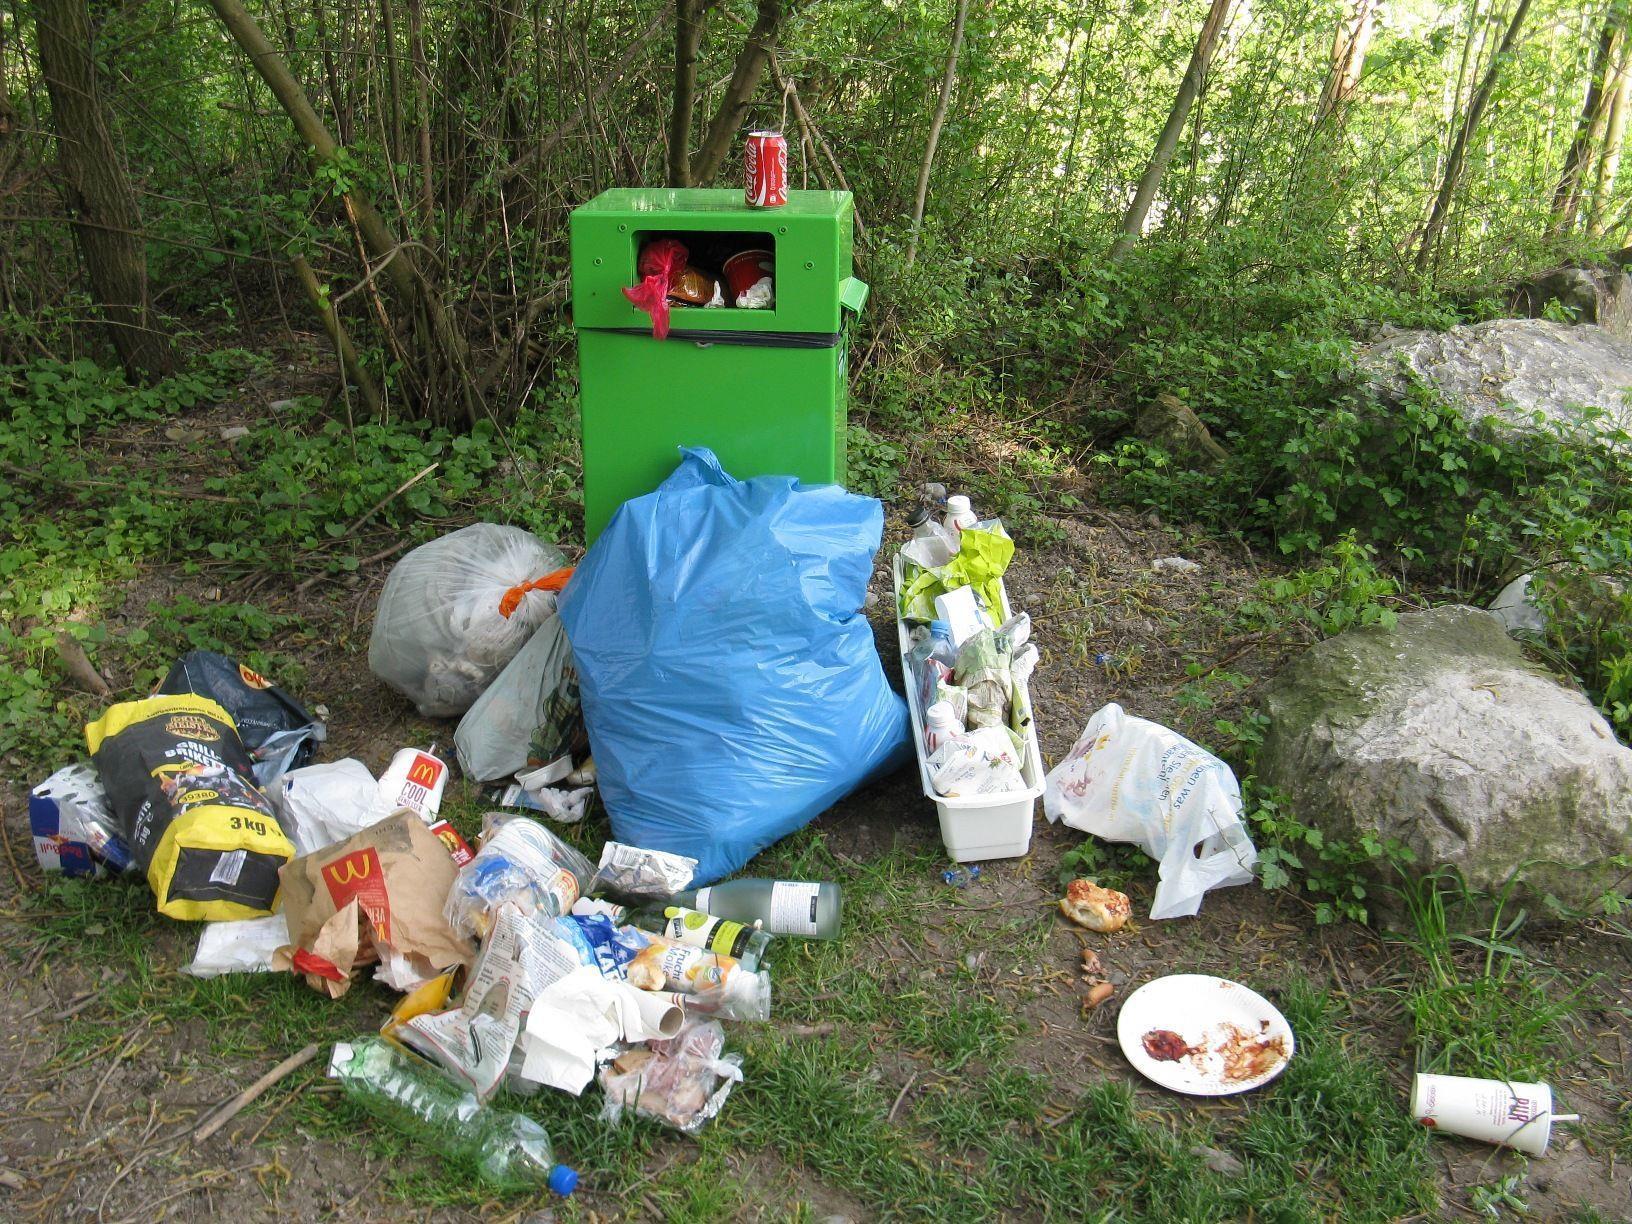 Die Situation am Alten Rhein bezüglich Müllverunreinigungen hat sich laut Norbert Ender immer noch nicht verbessert.